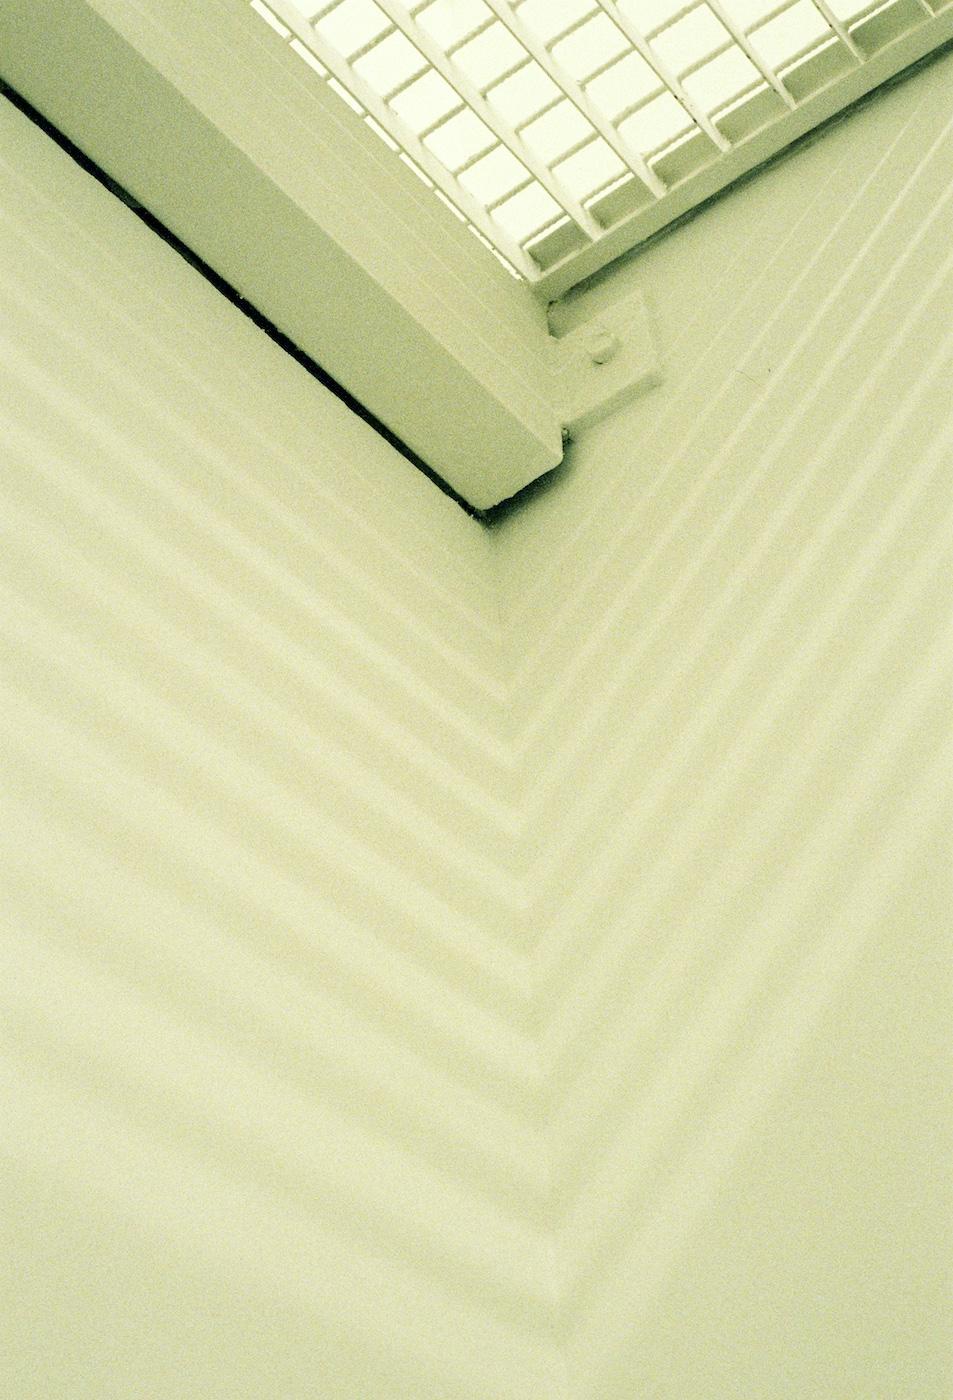 White Cube Linus Muellerschoen 011.jpg